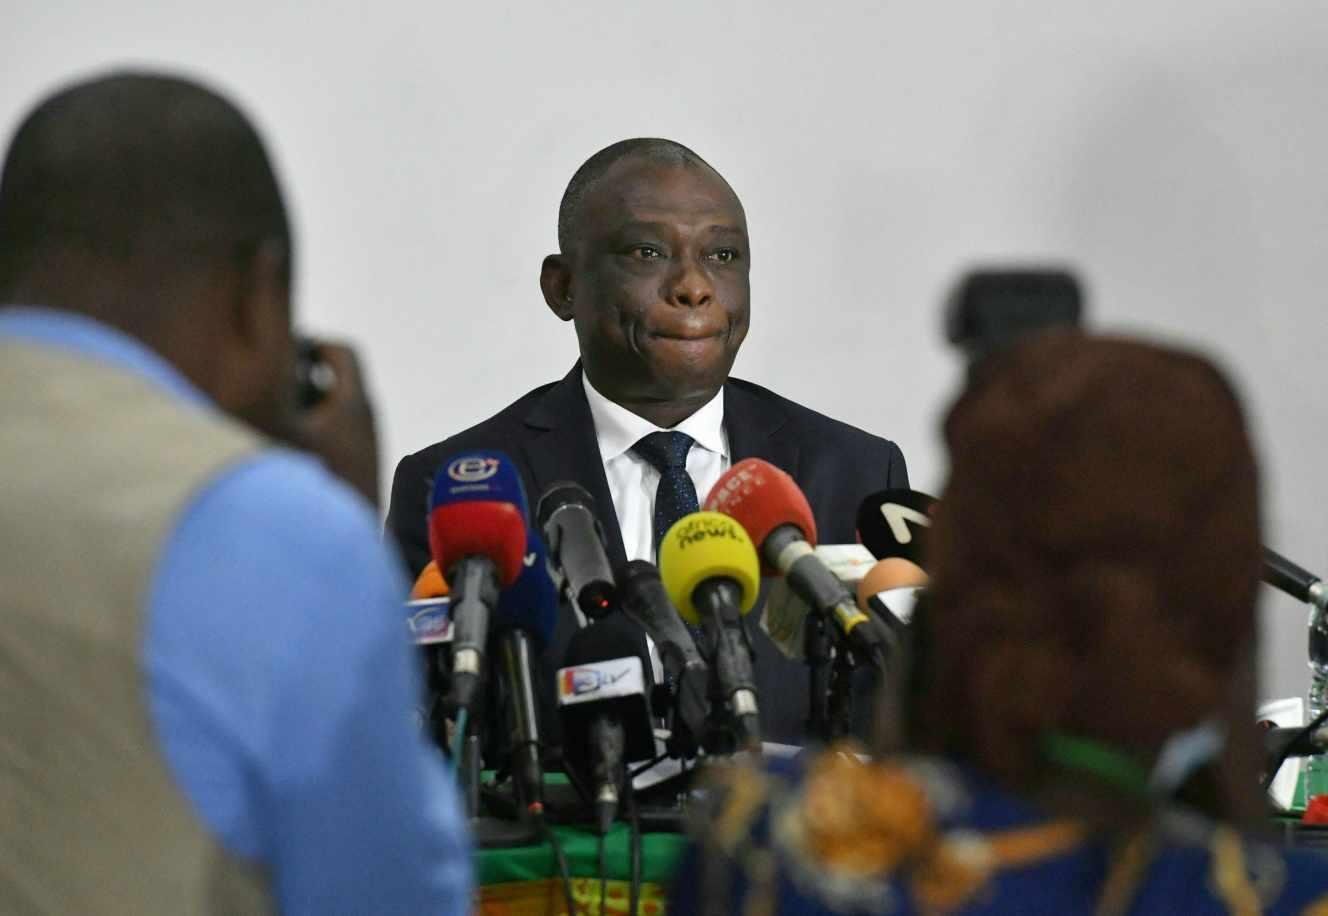 Le gouvernement invité à ne pas rater le virage de la réconciliation en marche en Côte d'Ivoire